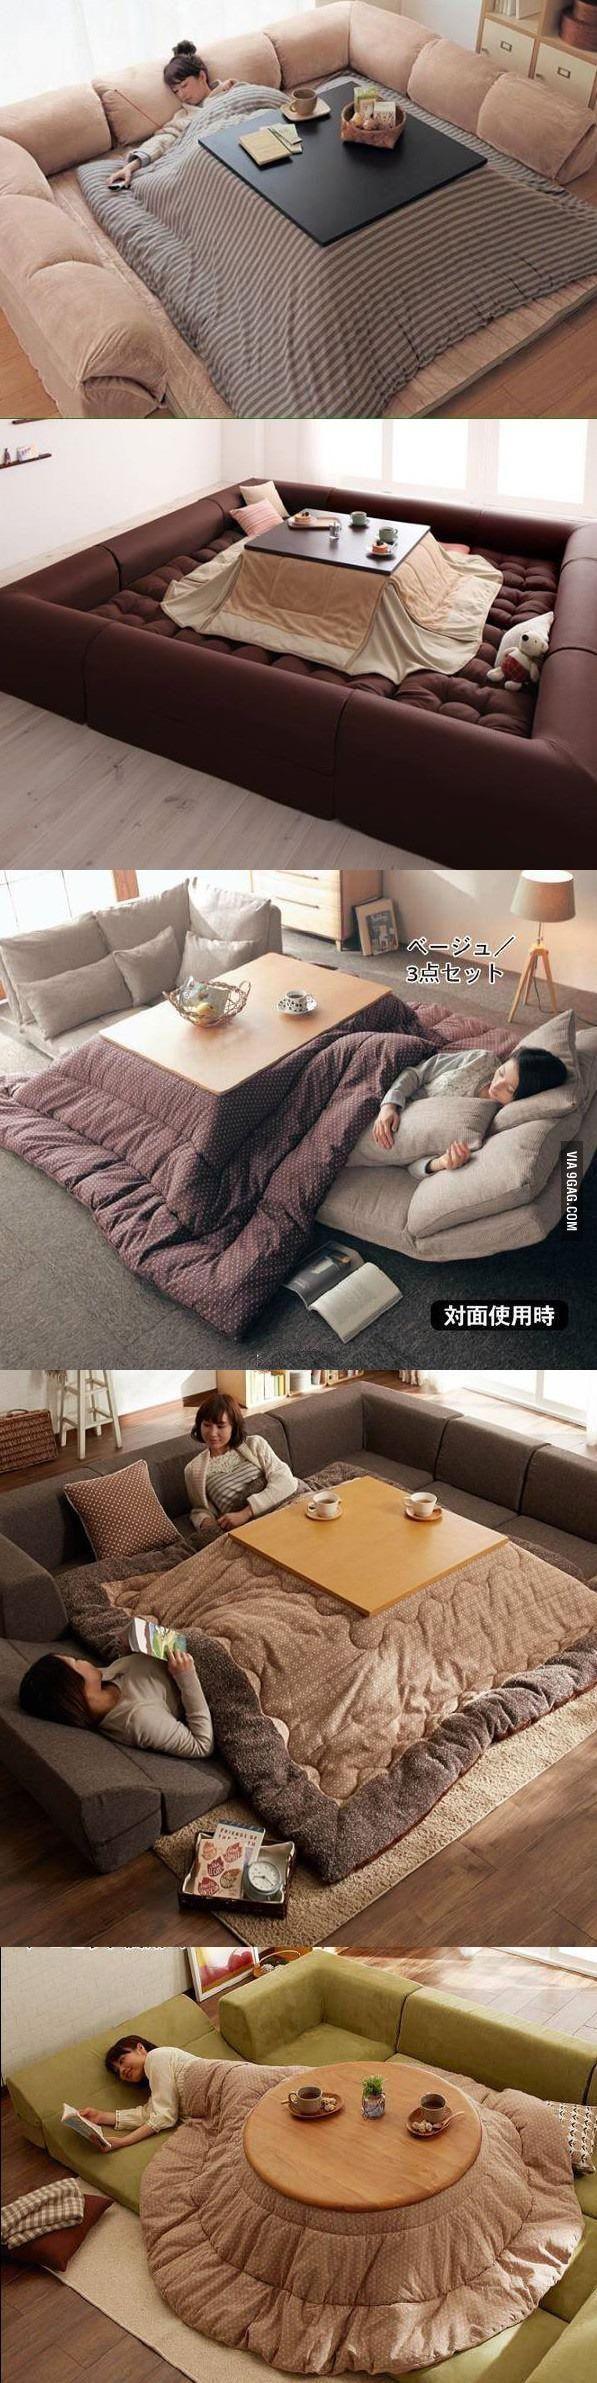 Un extraño mueble sobre la cama que enamora a los más vagos - Yahoo Noticias